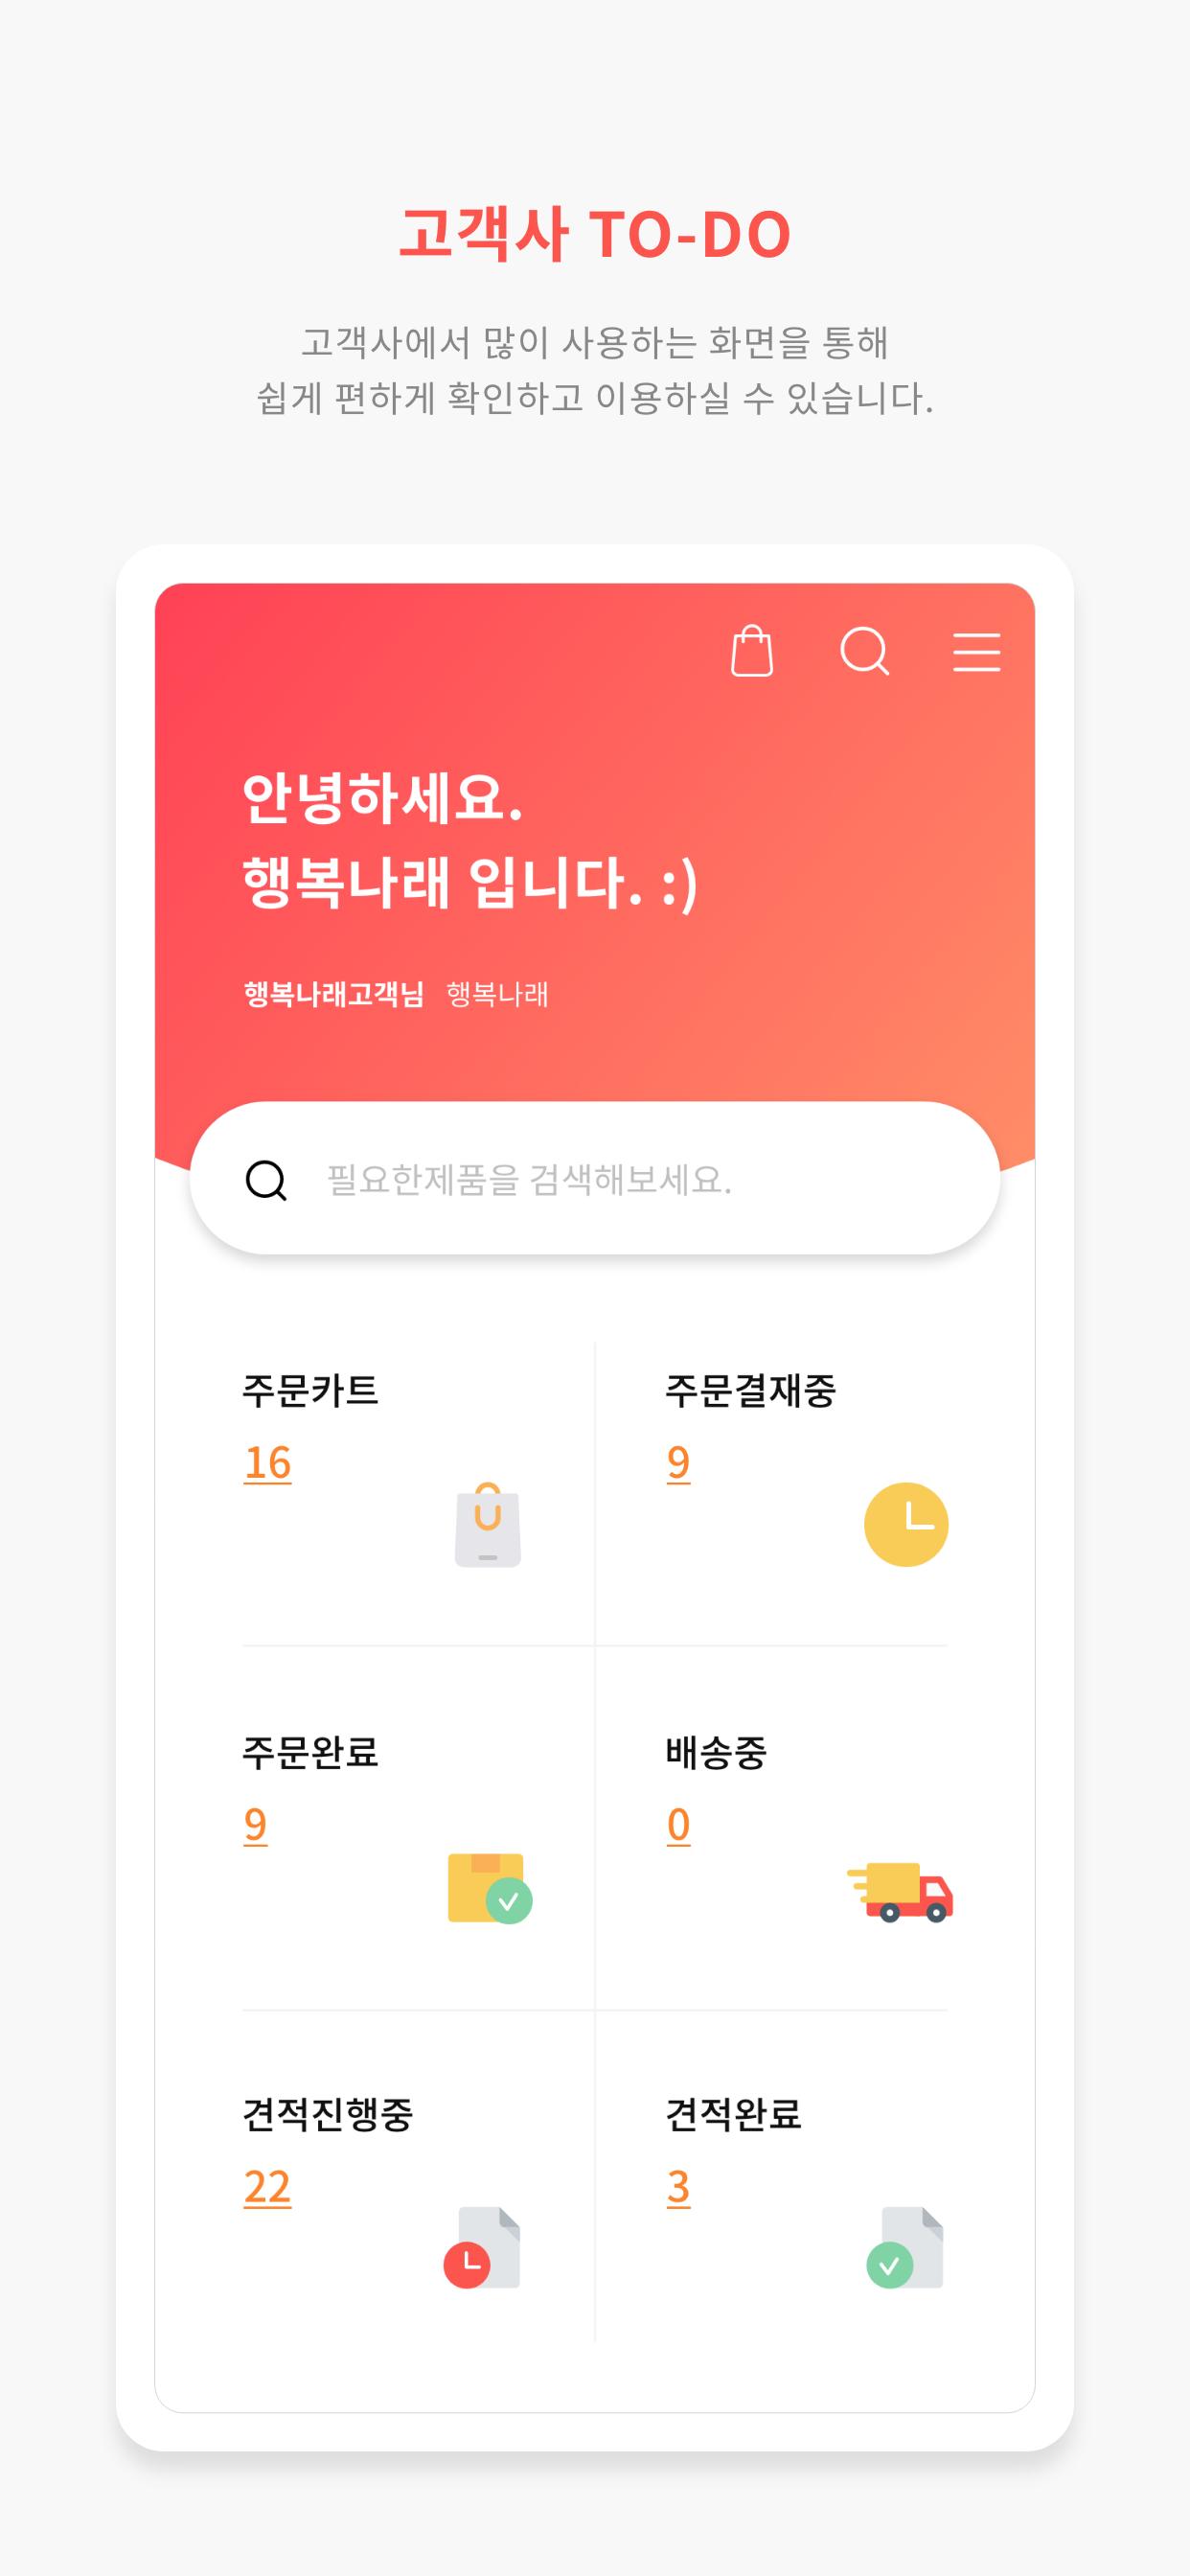 행복나래 HAVIS 모바일 시스템 구축 개발 업무_2